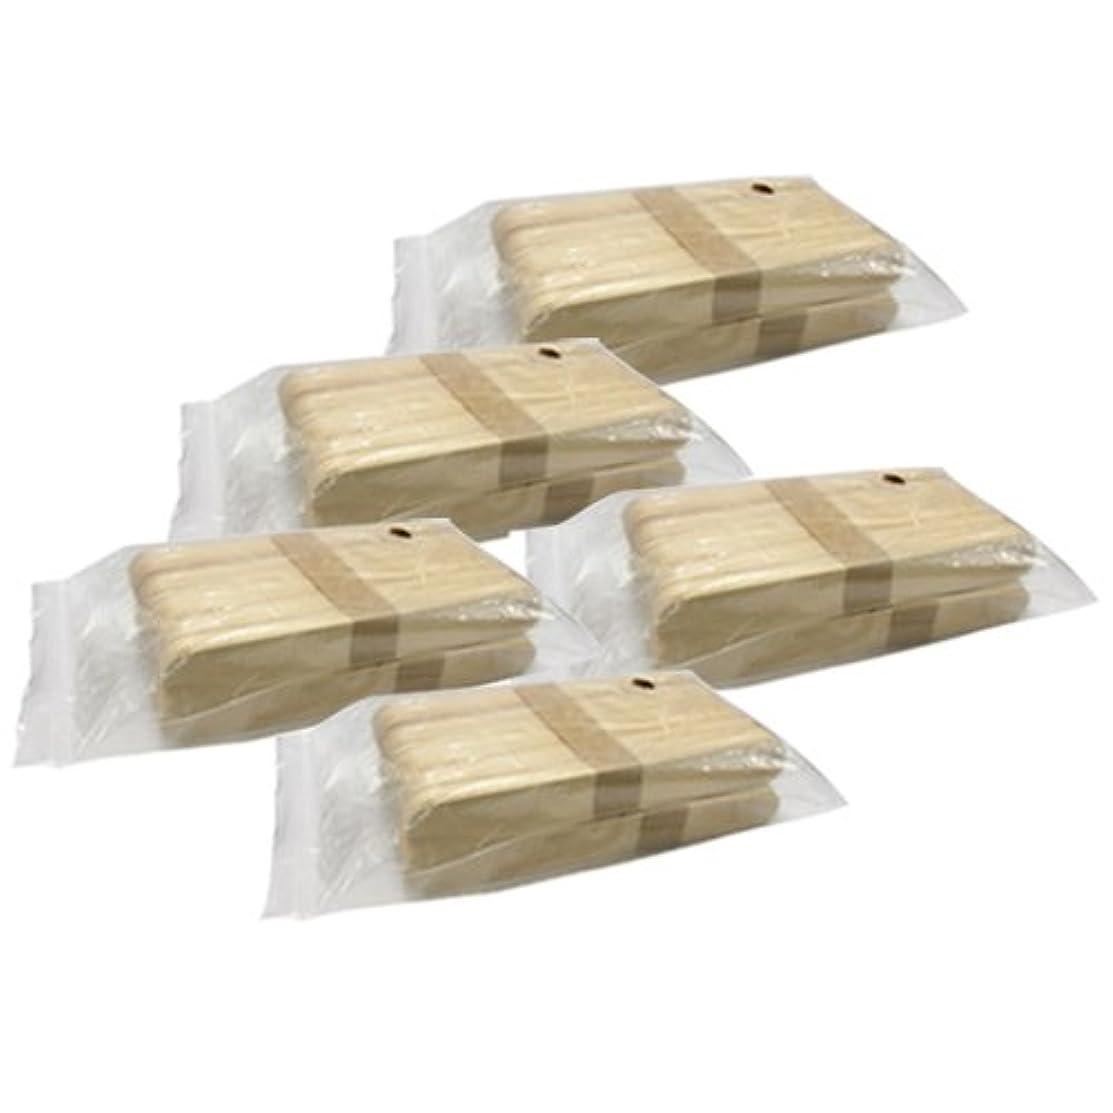 花嫁期間帰る使い捨て【木ベラ/ウッドスパチュラ】(業務用100枚入り) × 5袋セット(計500枚)/WAX脱毛等や舌厚子にも …